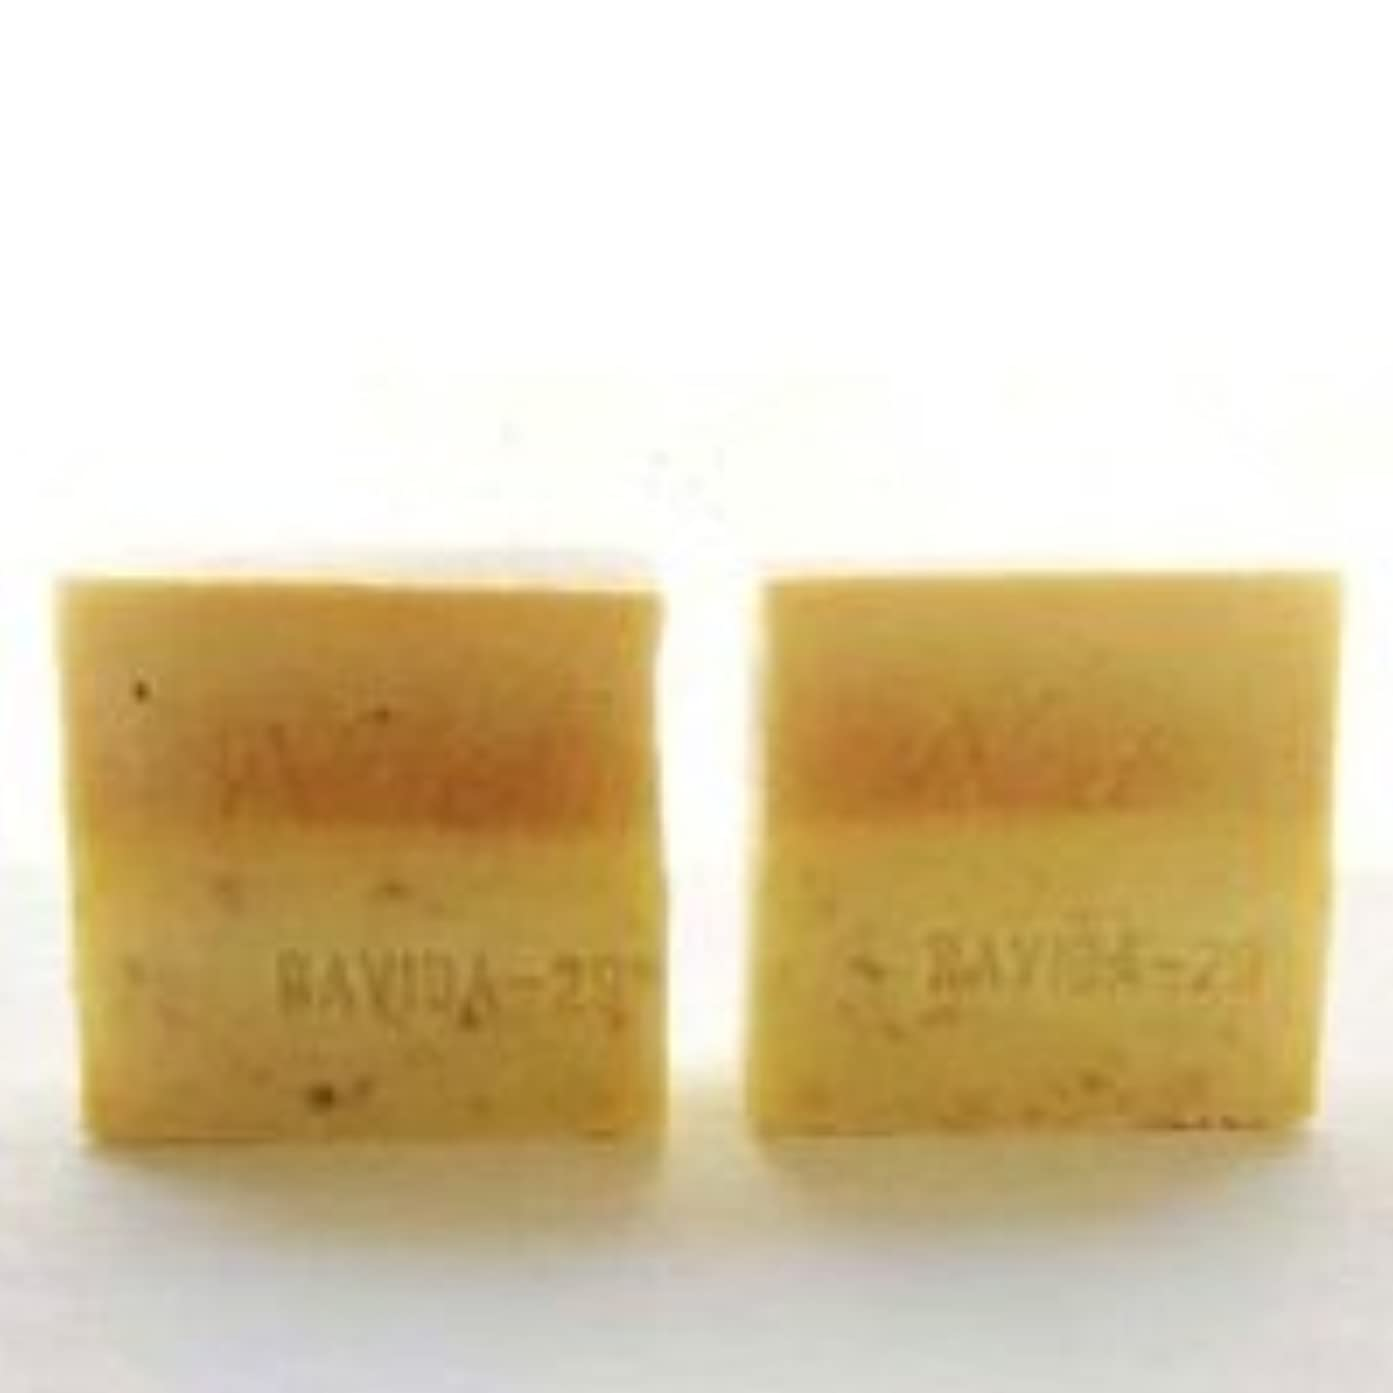 維持するピクニック人種プラントニュート(メルキュール) RAVIDA-29++++ ラヴィダメガモイストオートホホバアーモンド 53g cake